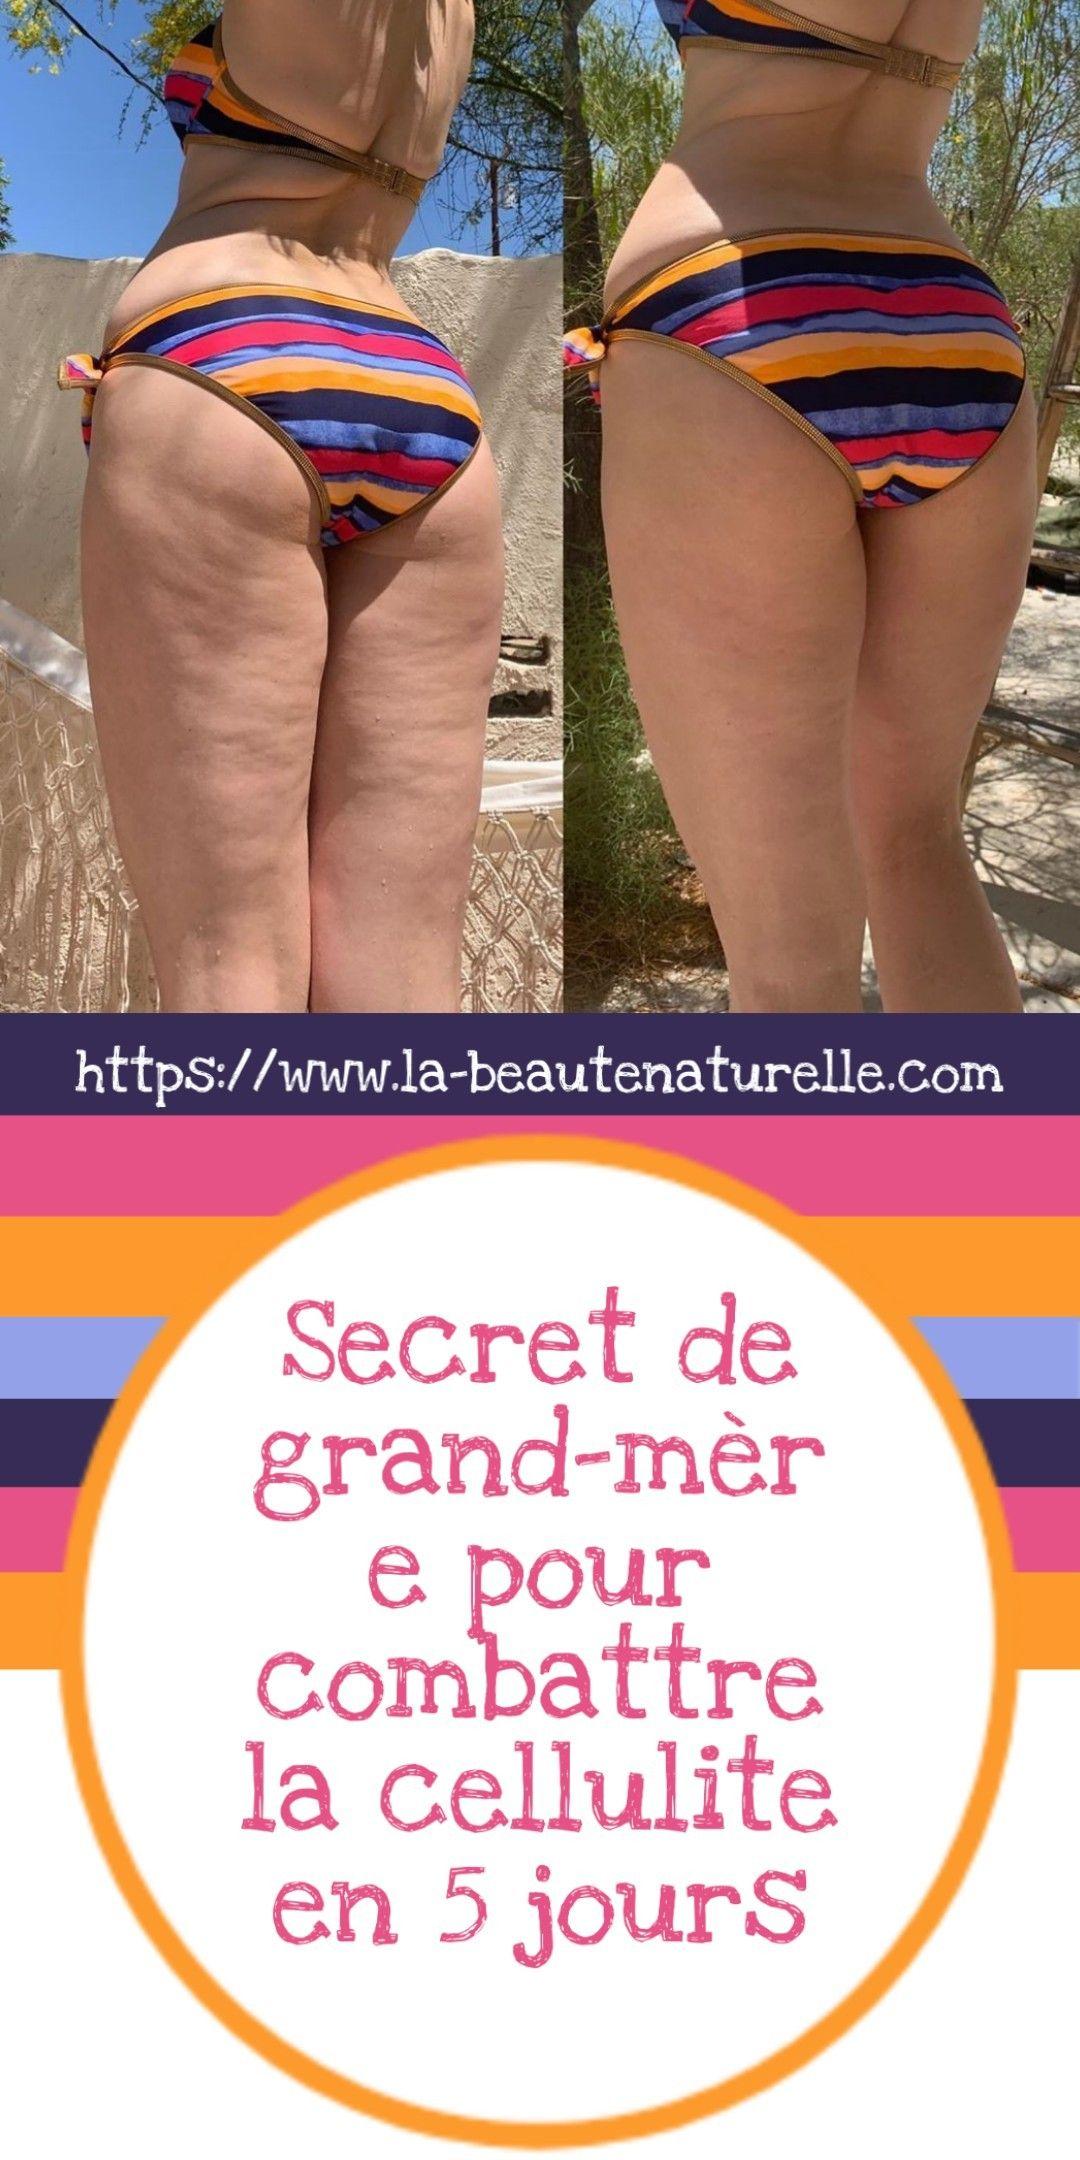 Le secret de grand-mère pour lutter contre la cellulite en 5 jours